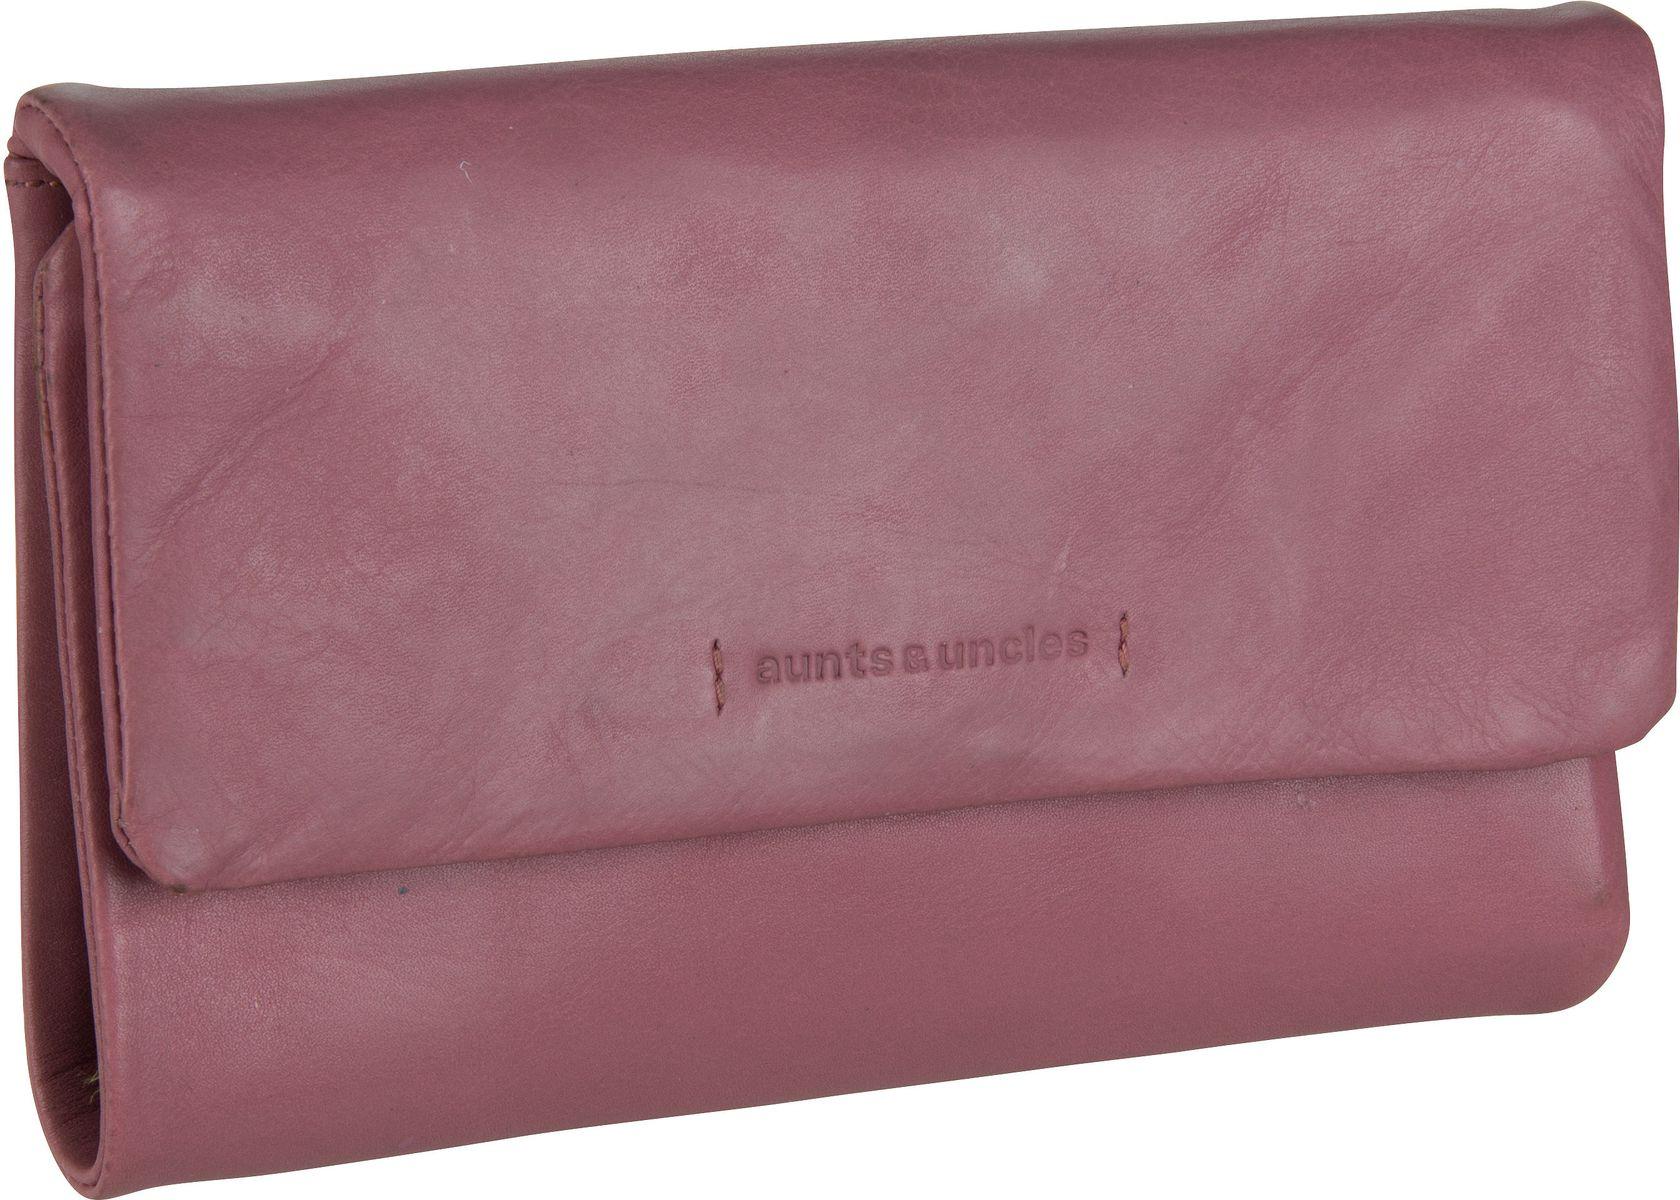 Geldboersen für Frauen - aunts uncles Geldbörse Peach Woodrose  - Onlineshop Taschenkaufhaus